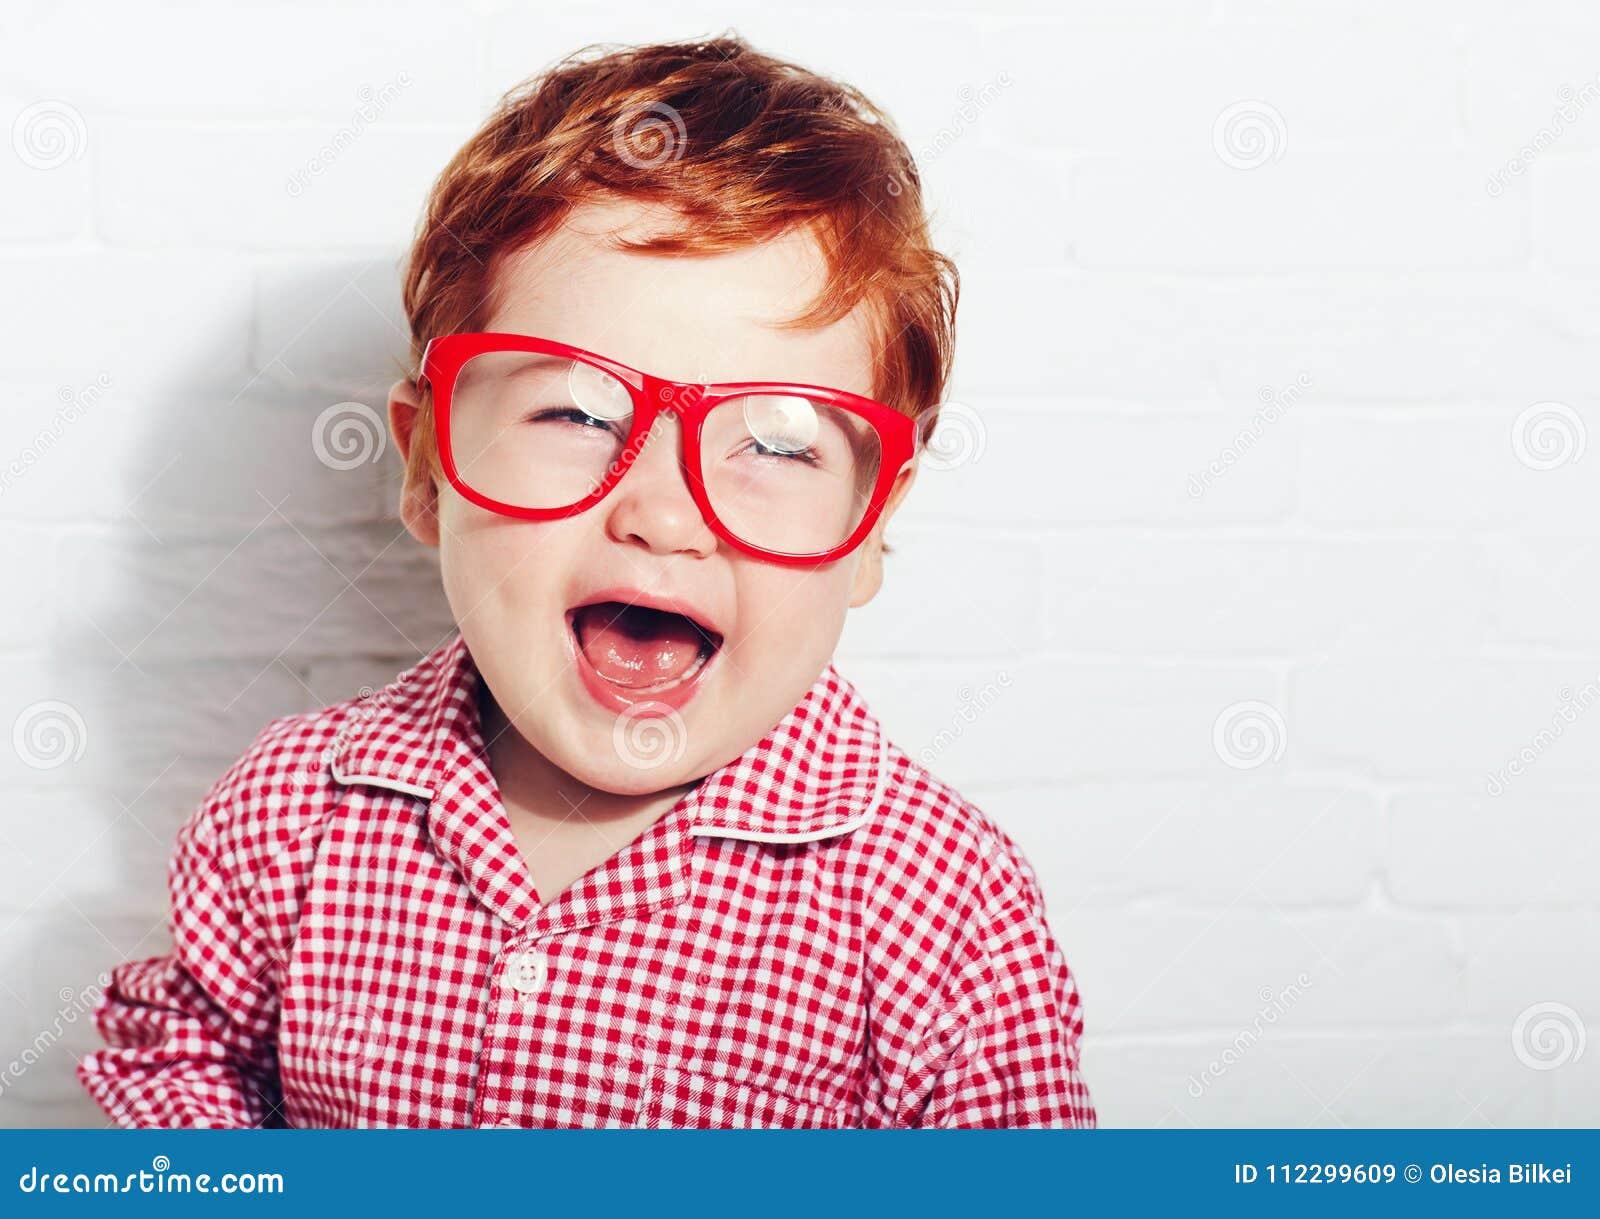 Retrato del niño pequeño de risa lindo en vidrios